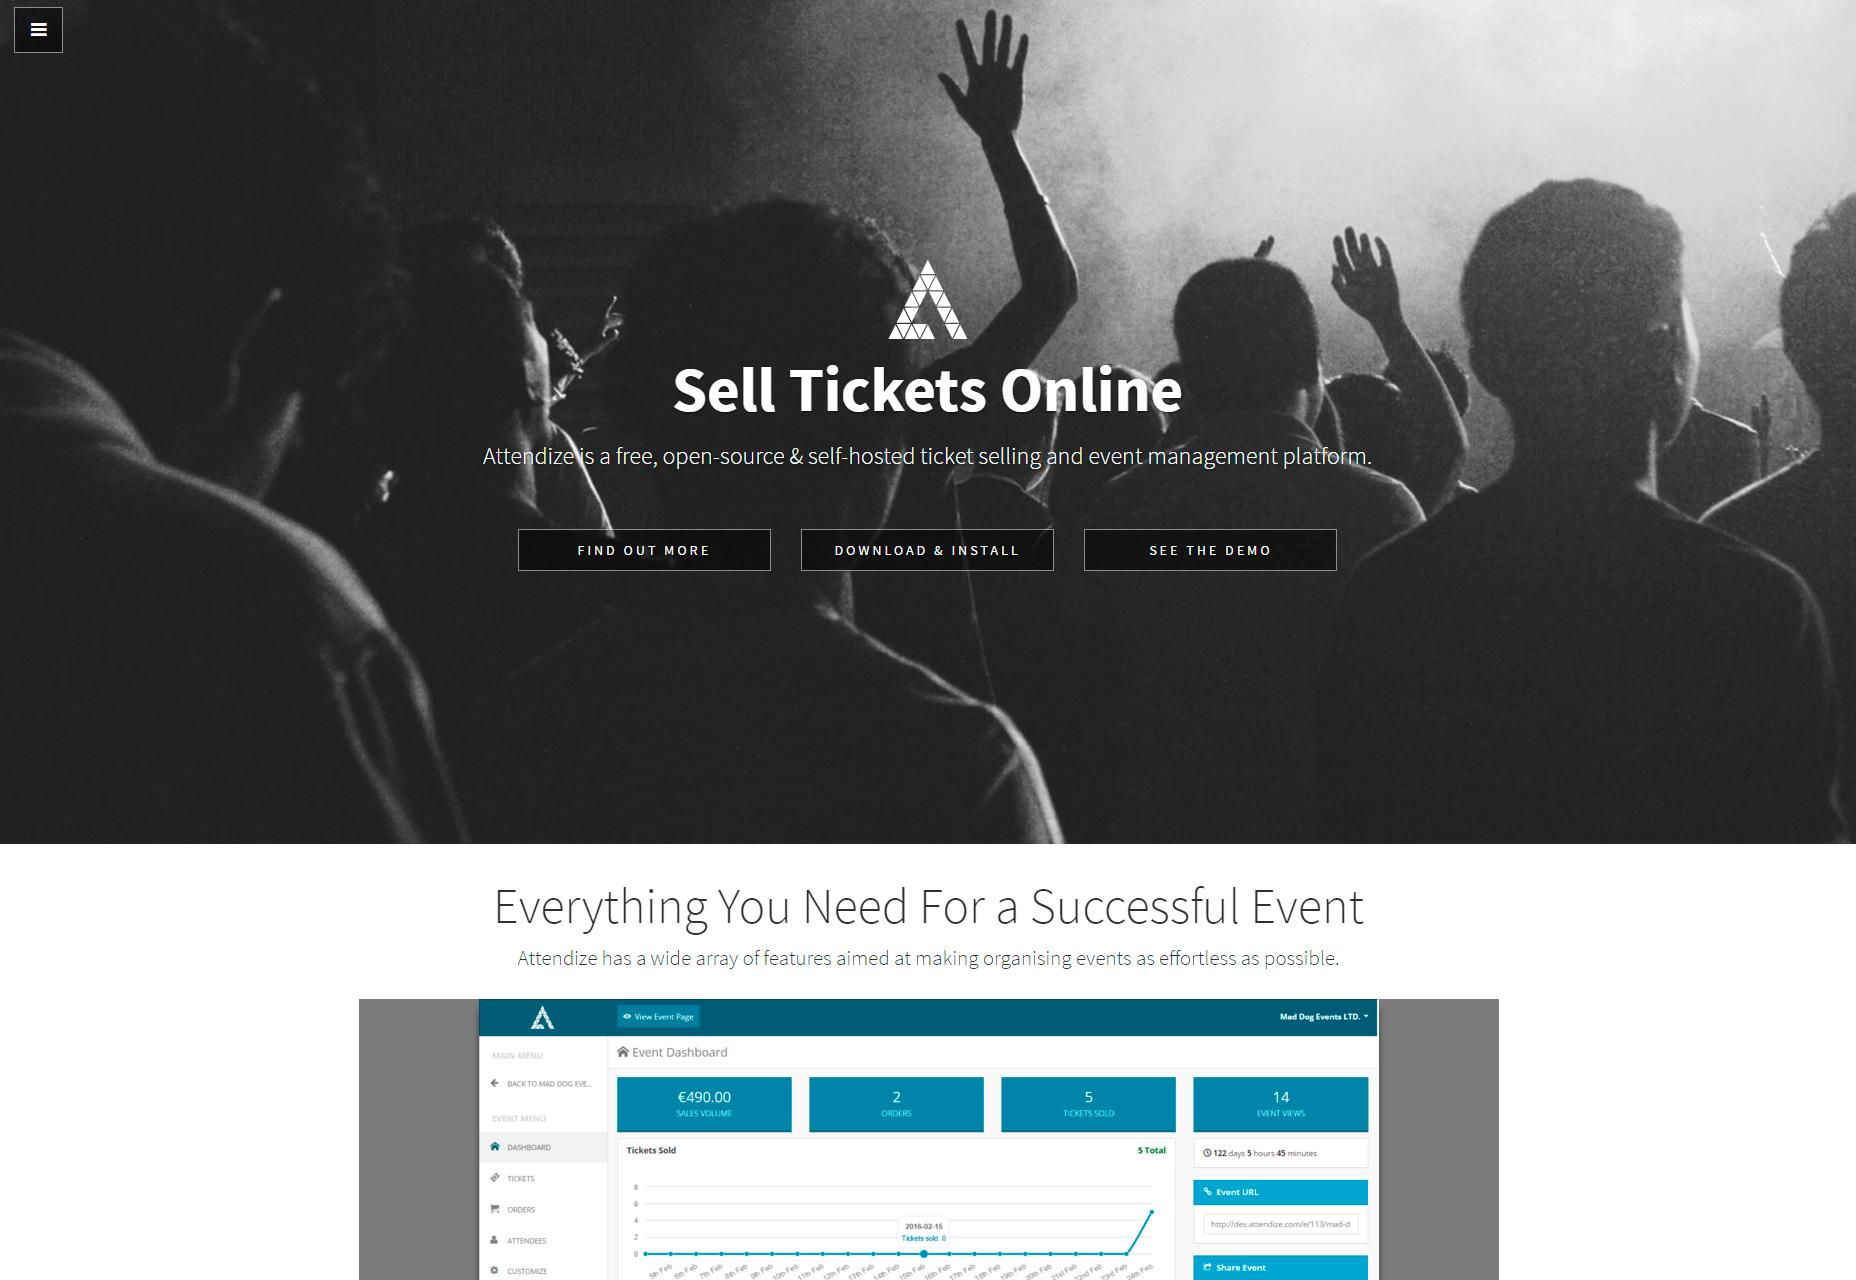 Attendize: Ticket Selling & Event Management Platform